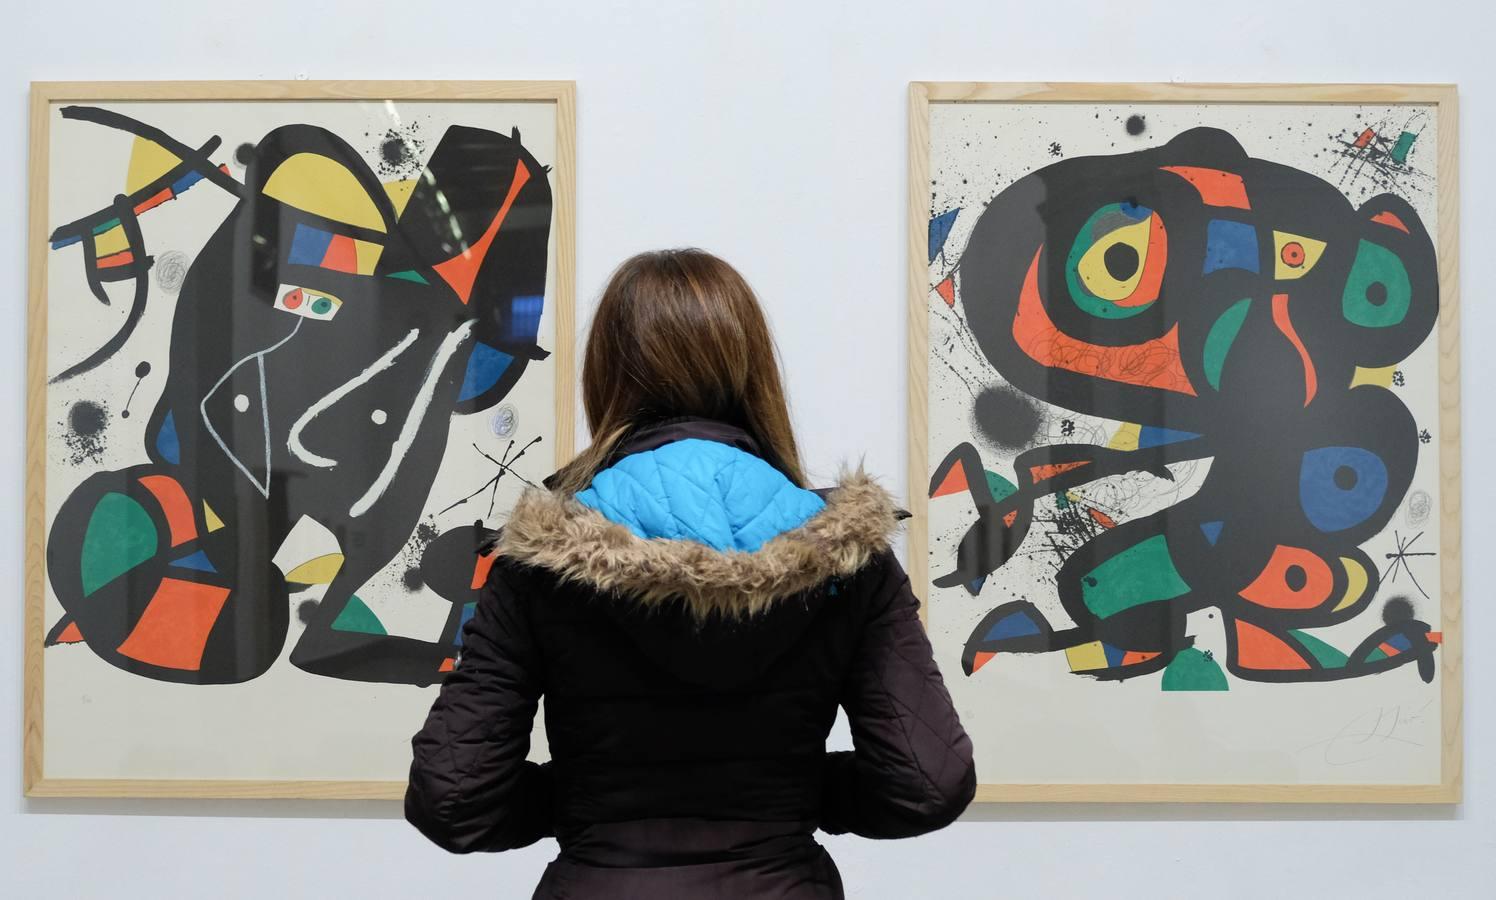 La obra de Joan Miró se expone en la sala de la Pasión de Valladolid